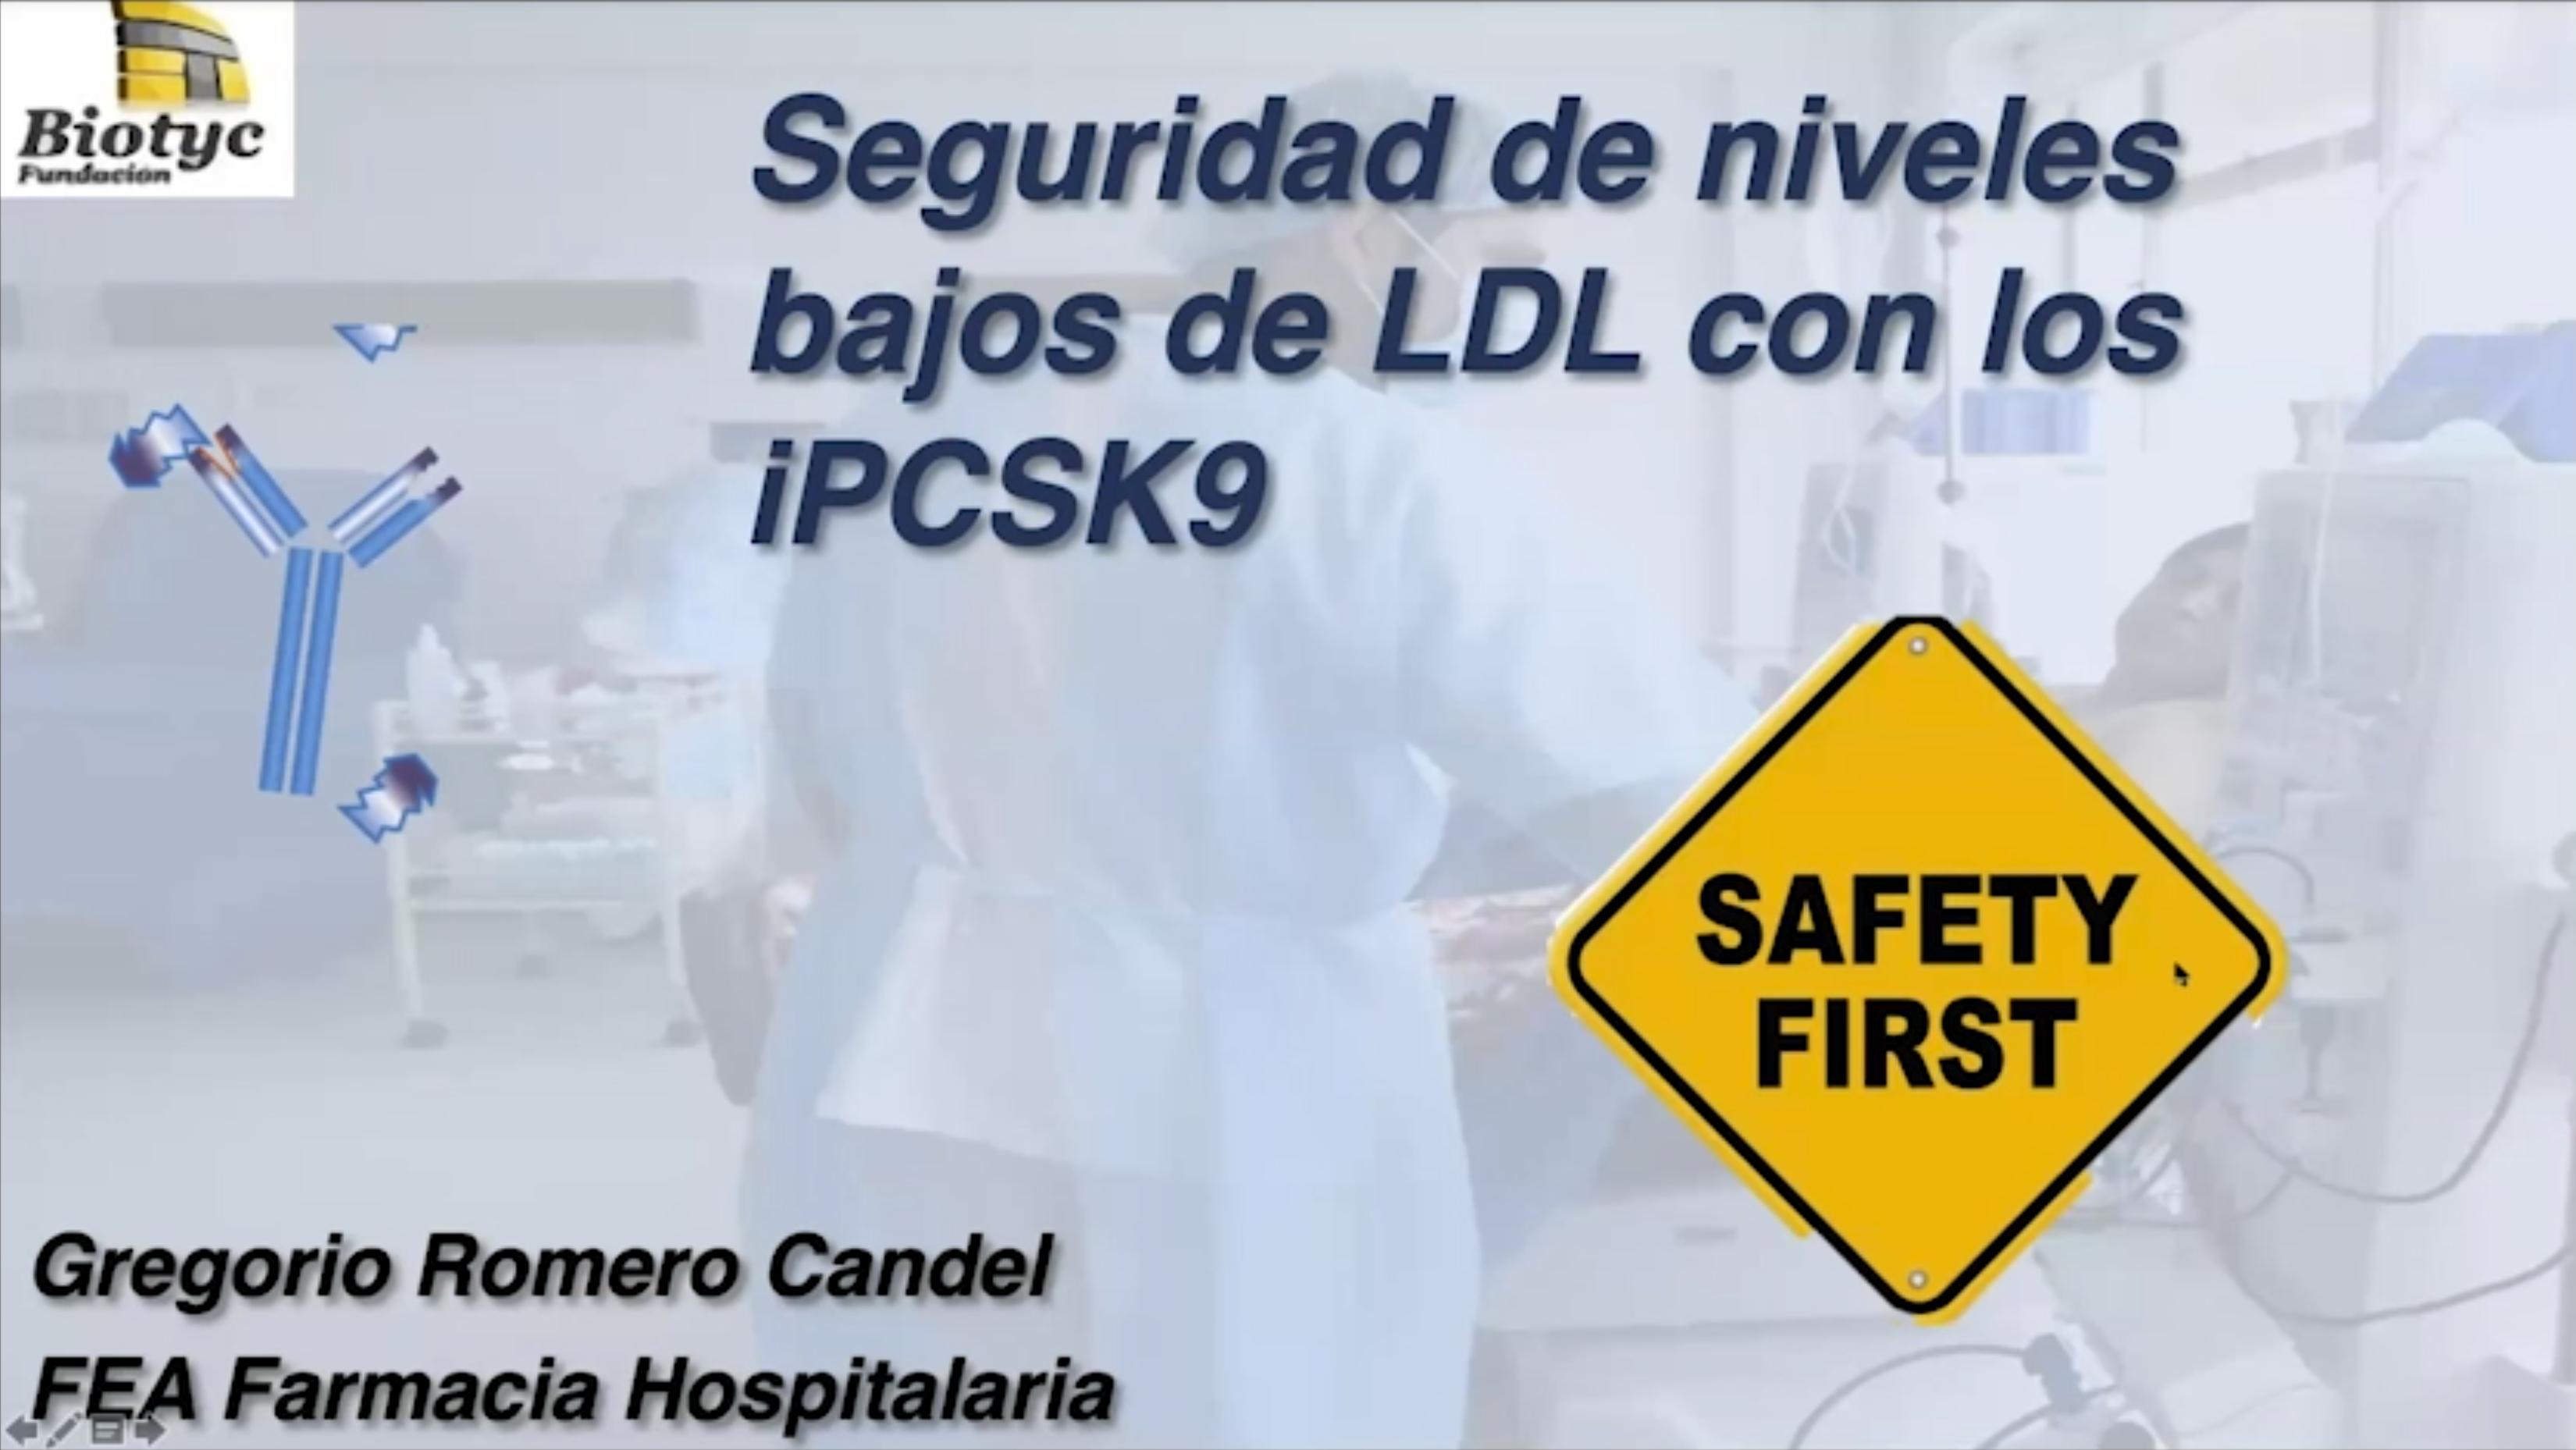 La seguridad en la utilización de los  IPCSK9